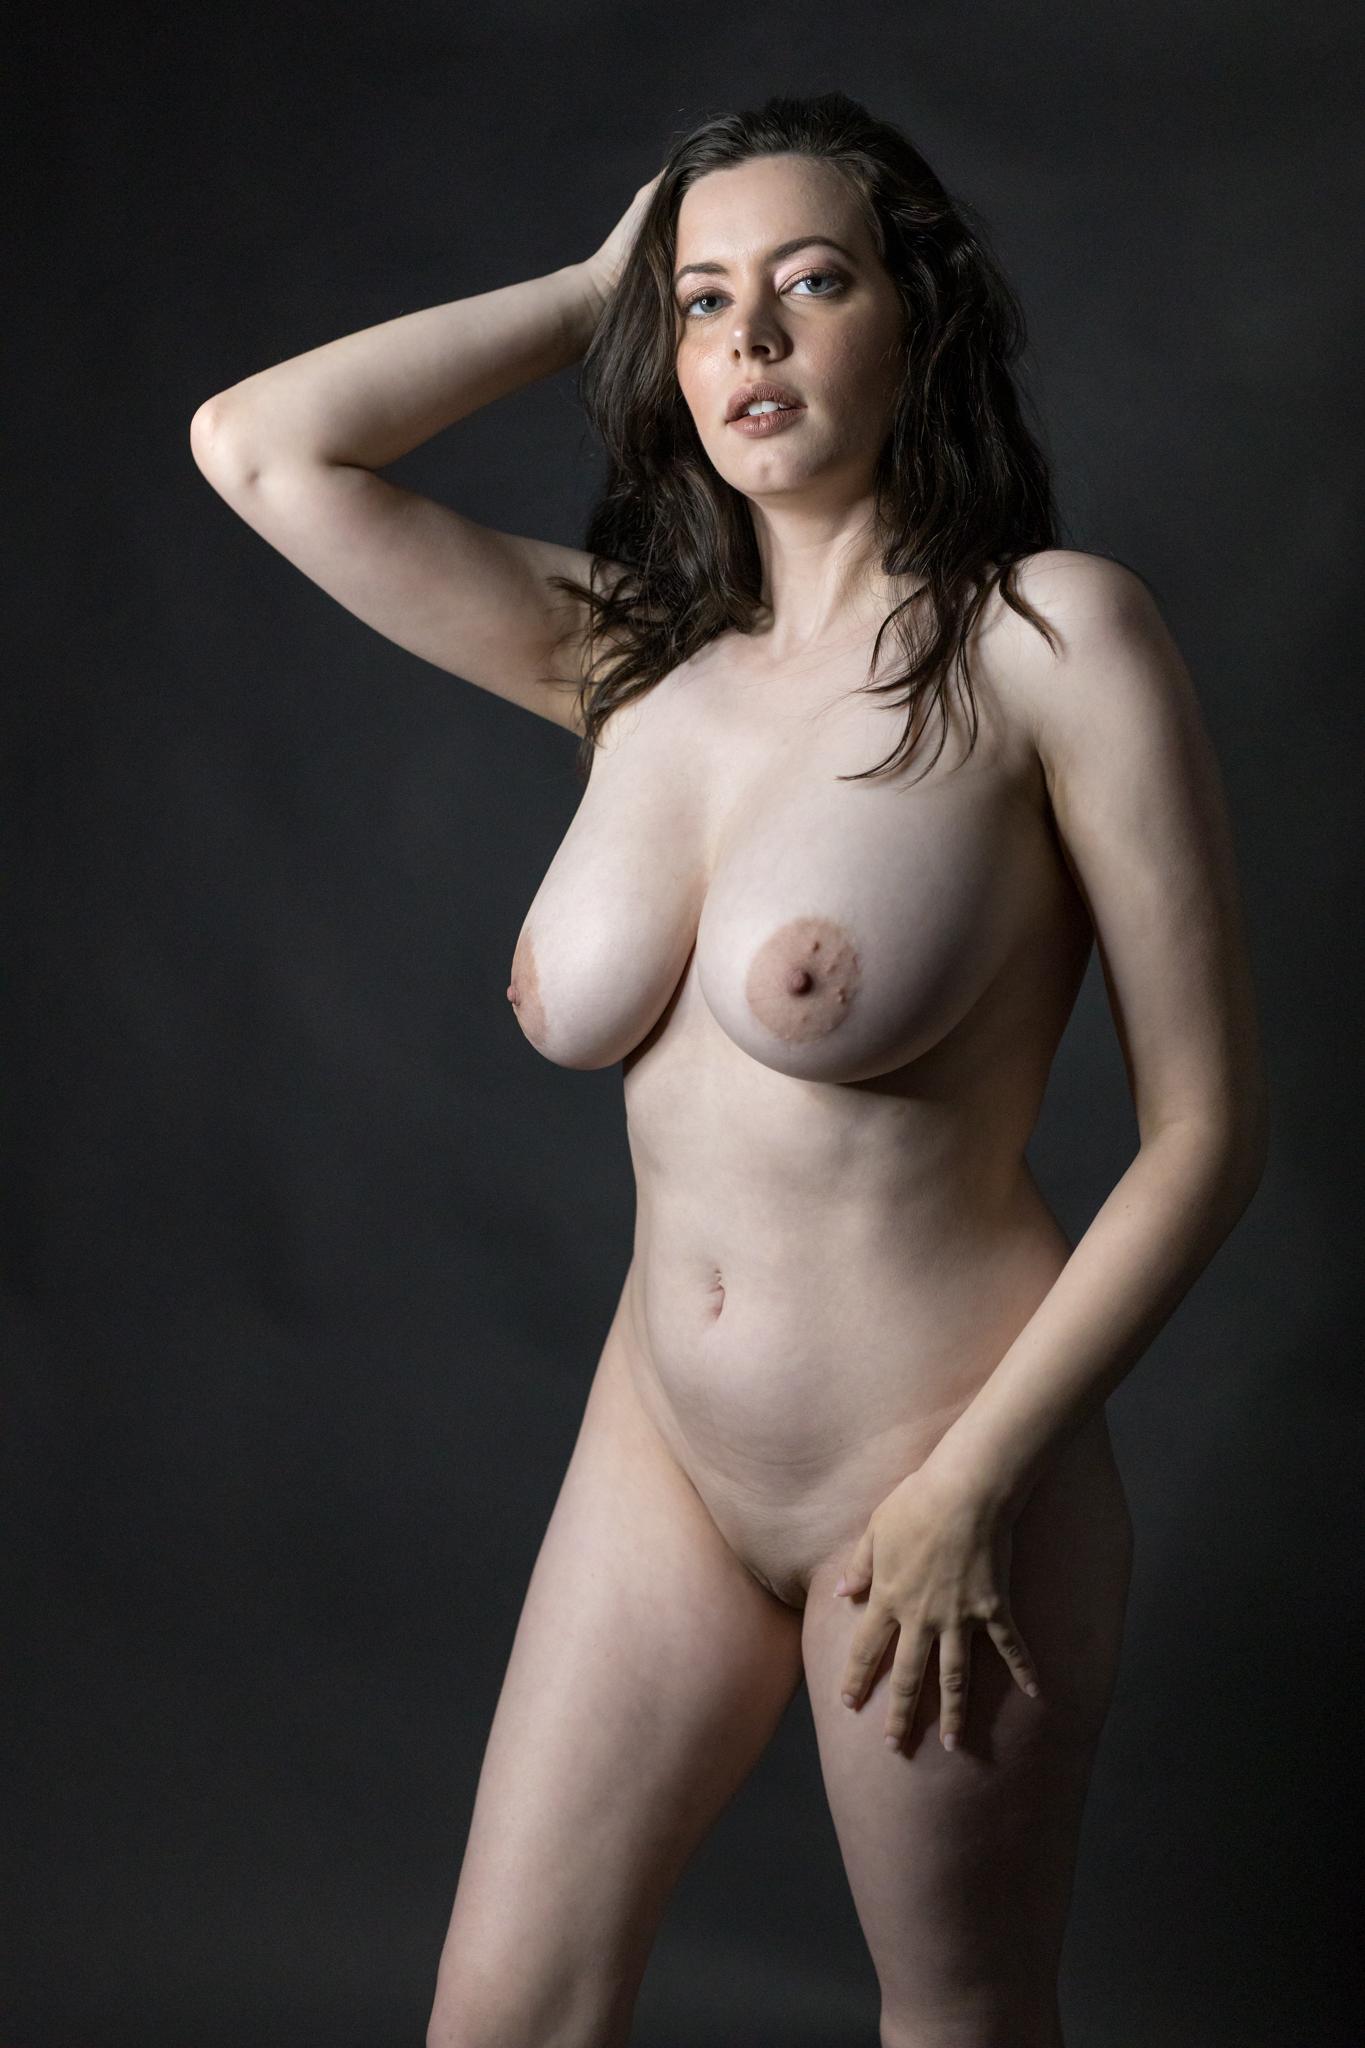 Sam Paige Nude Lingerie Strip Set Leaked 0006